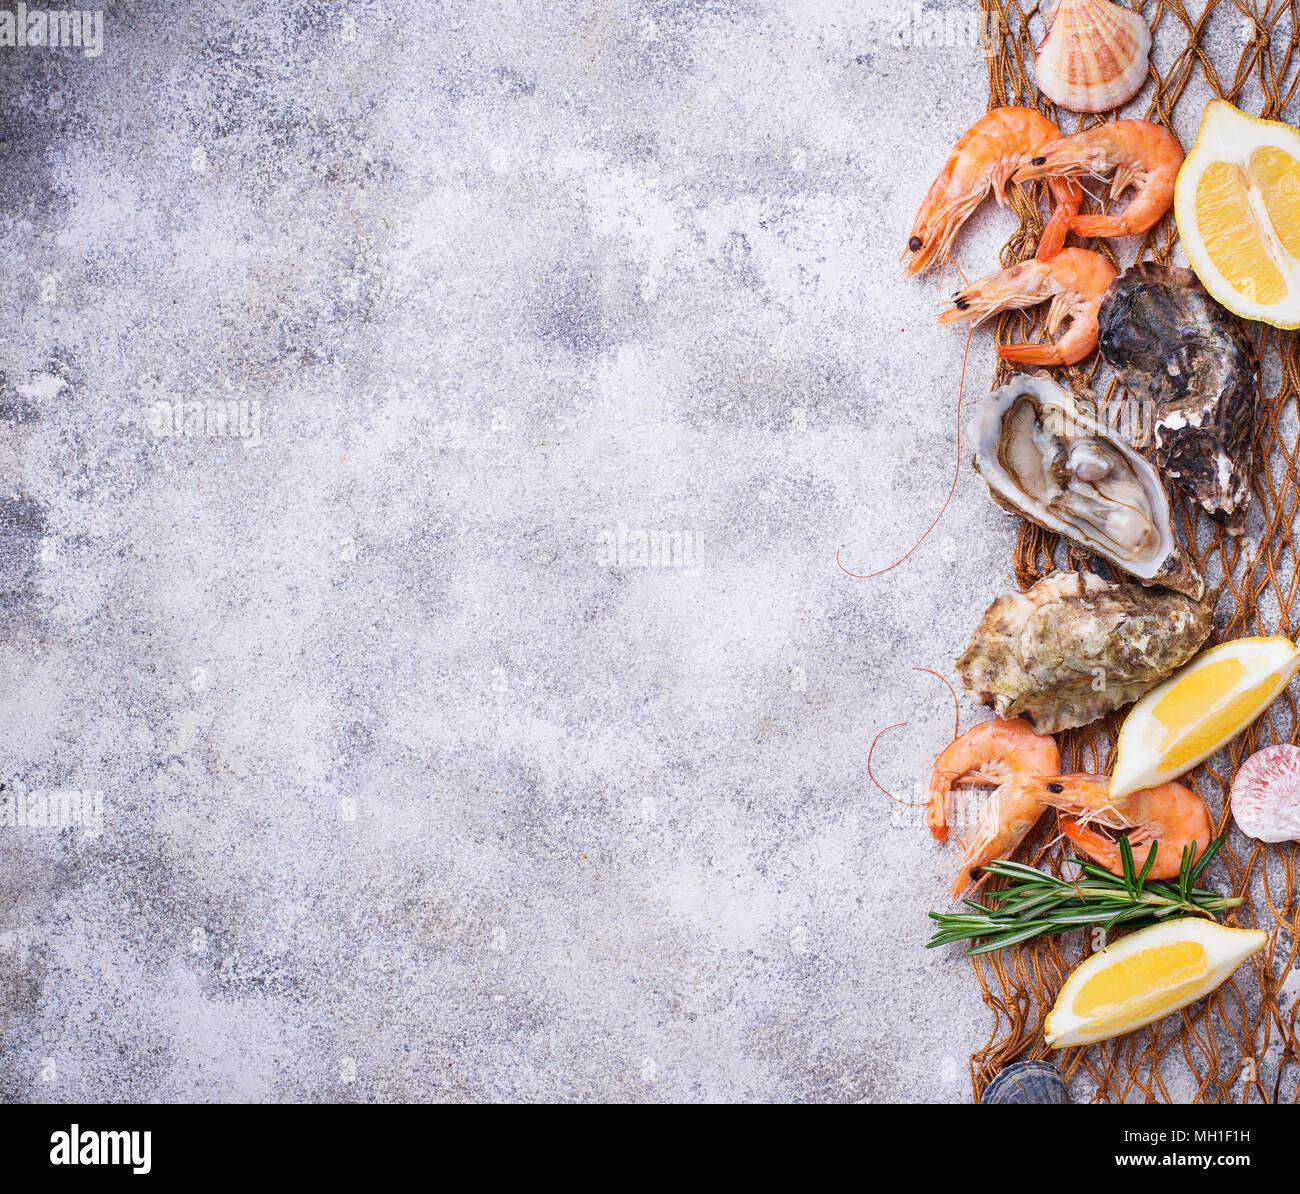 Gamberetti e ostriche. Concetto di frutti di mare Immagini Stock